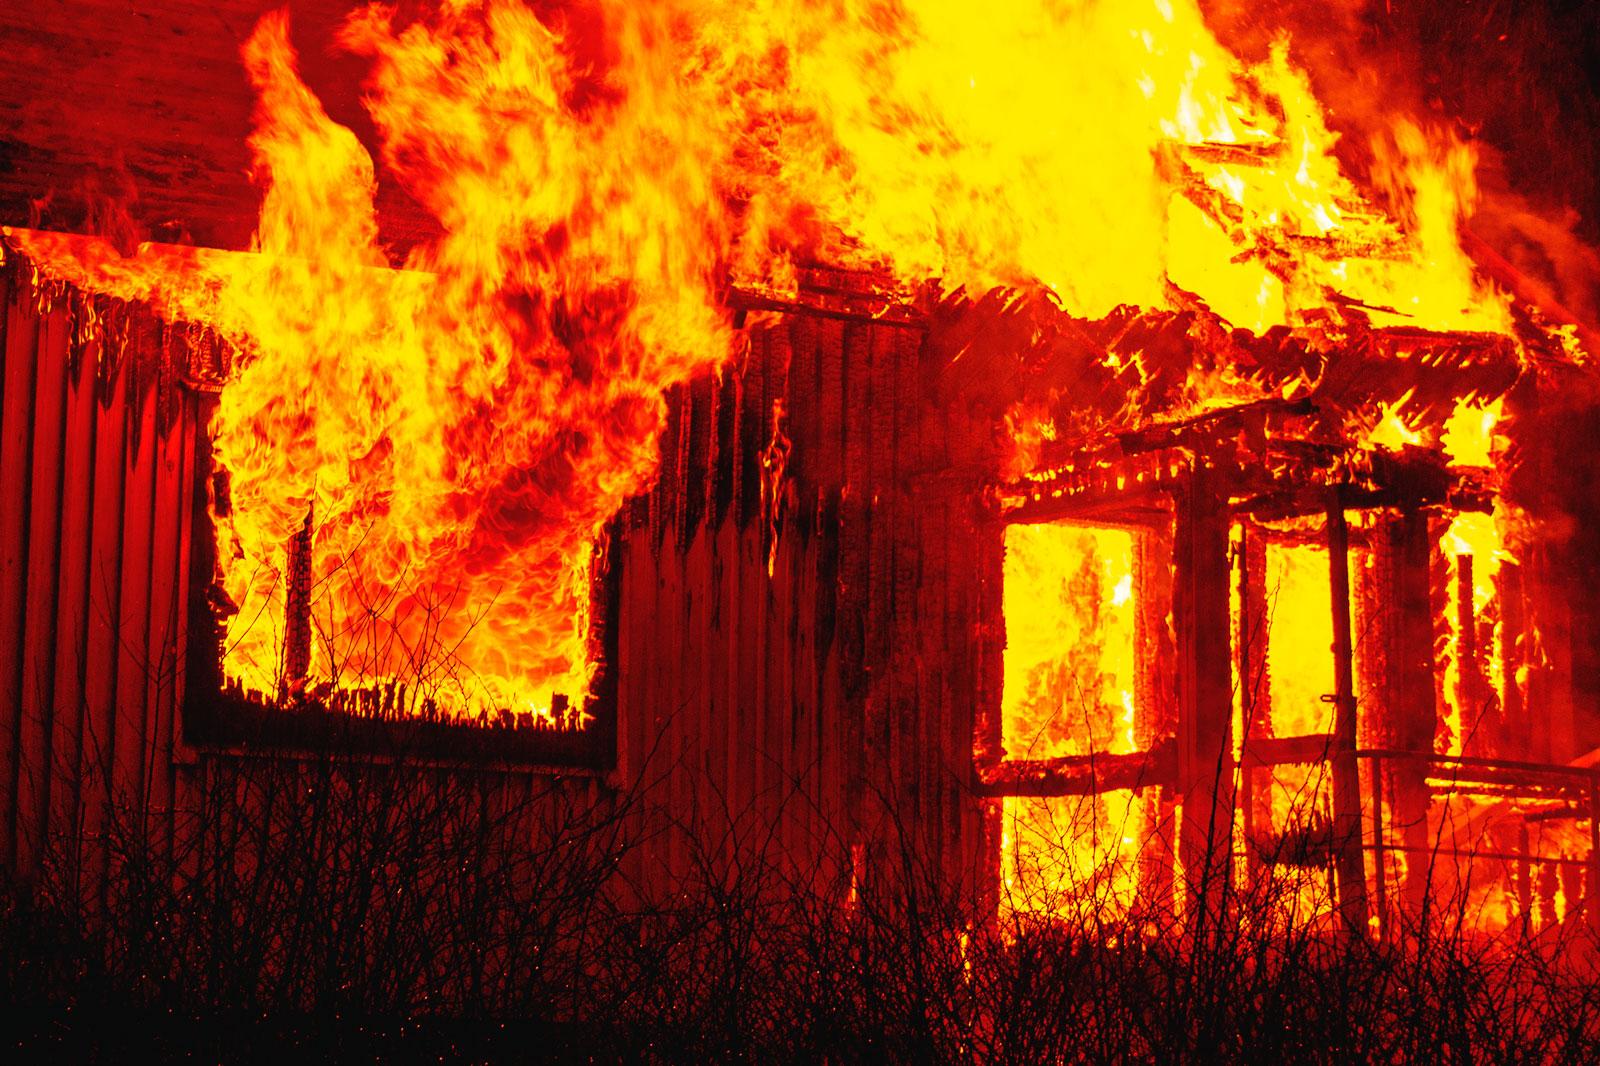 Kuvassa on palava talo.